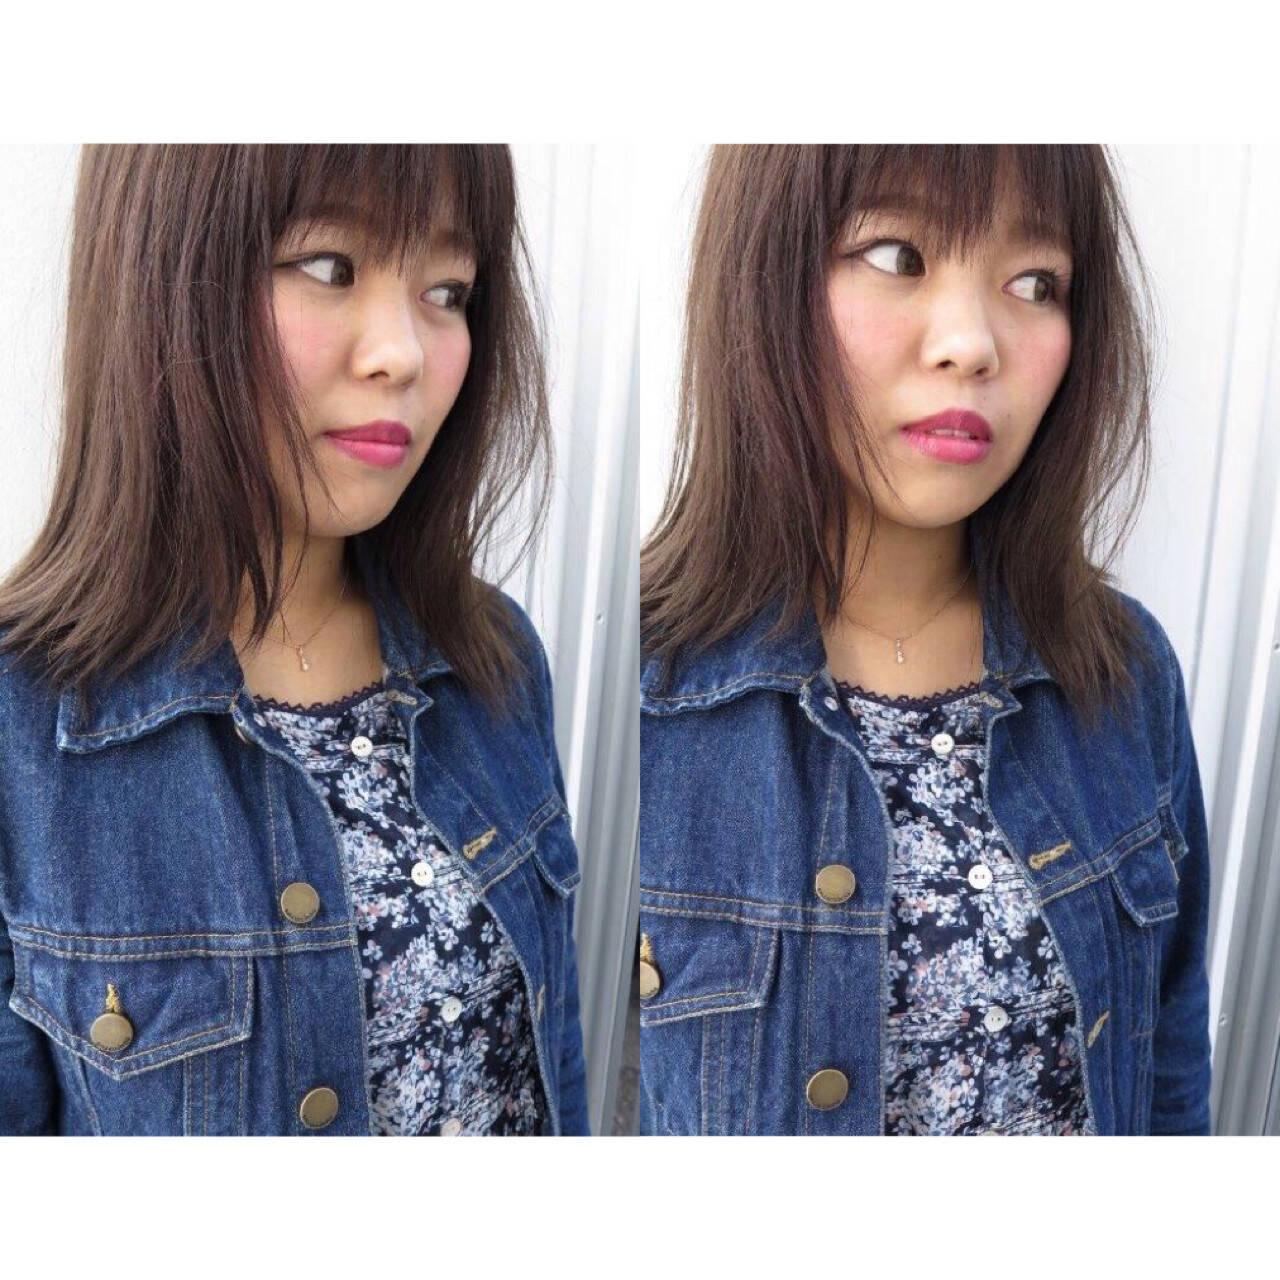 前髪あり ミディアム ストレート ナチュラルヘアスタイルや髪型の写真・画像